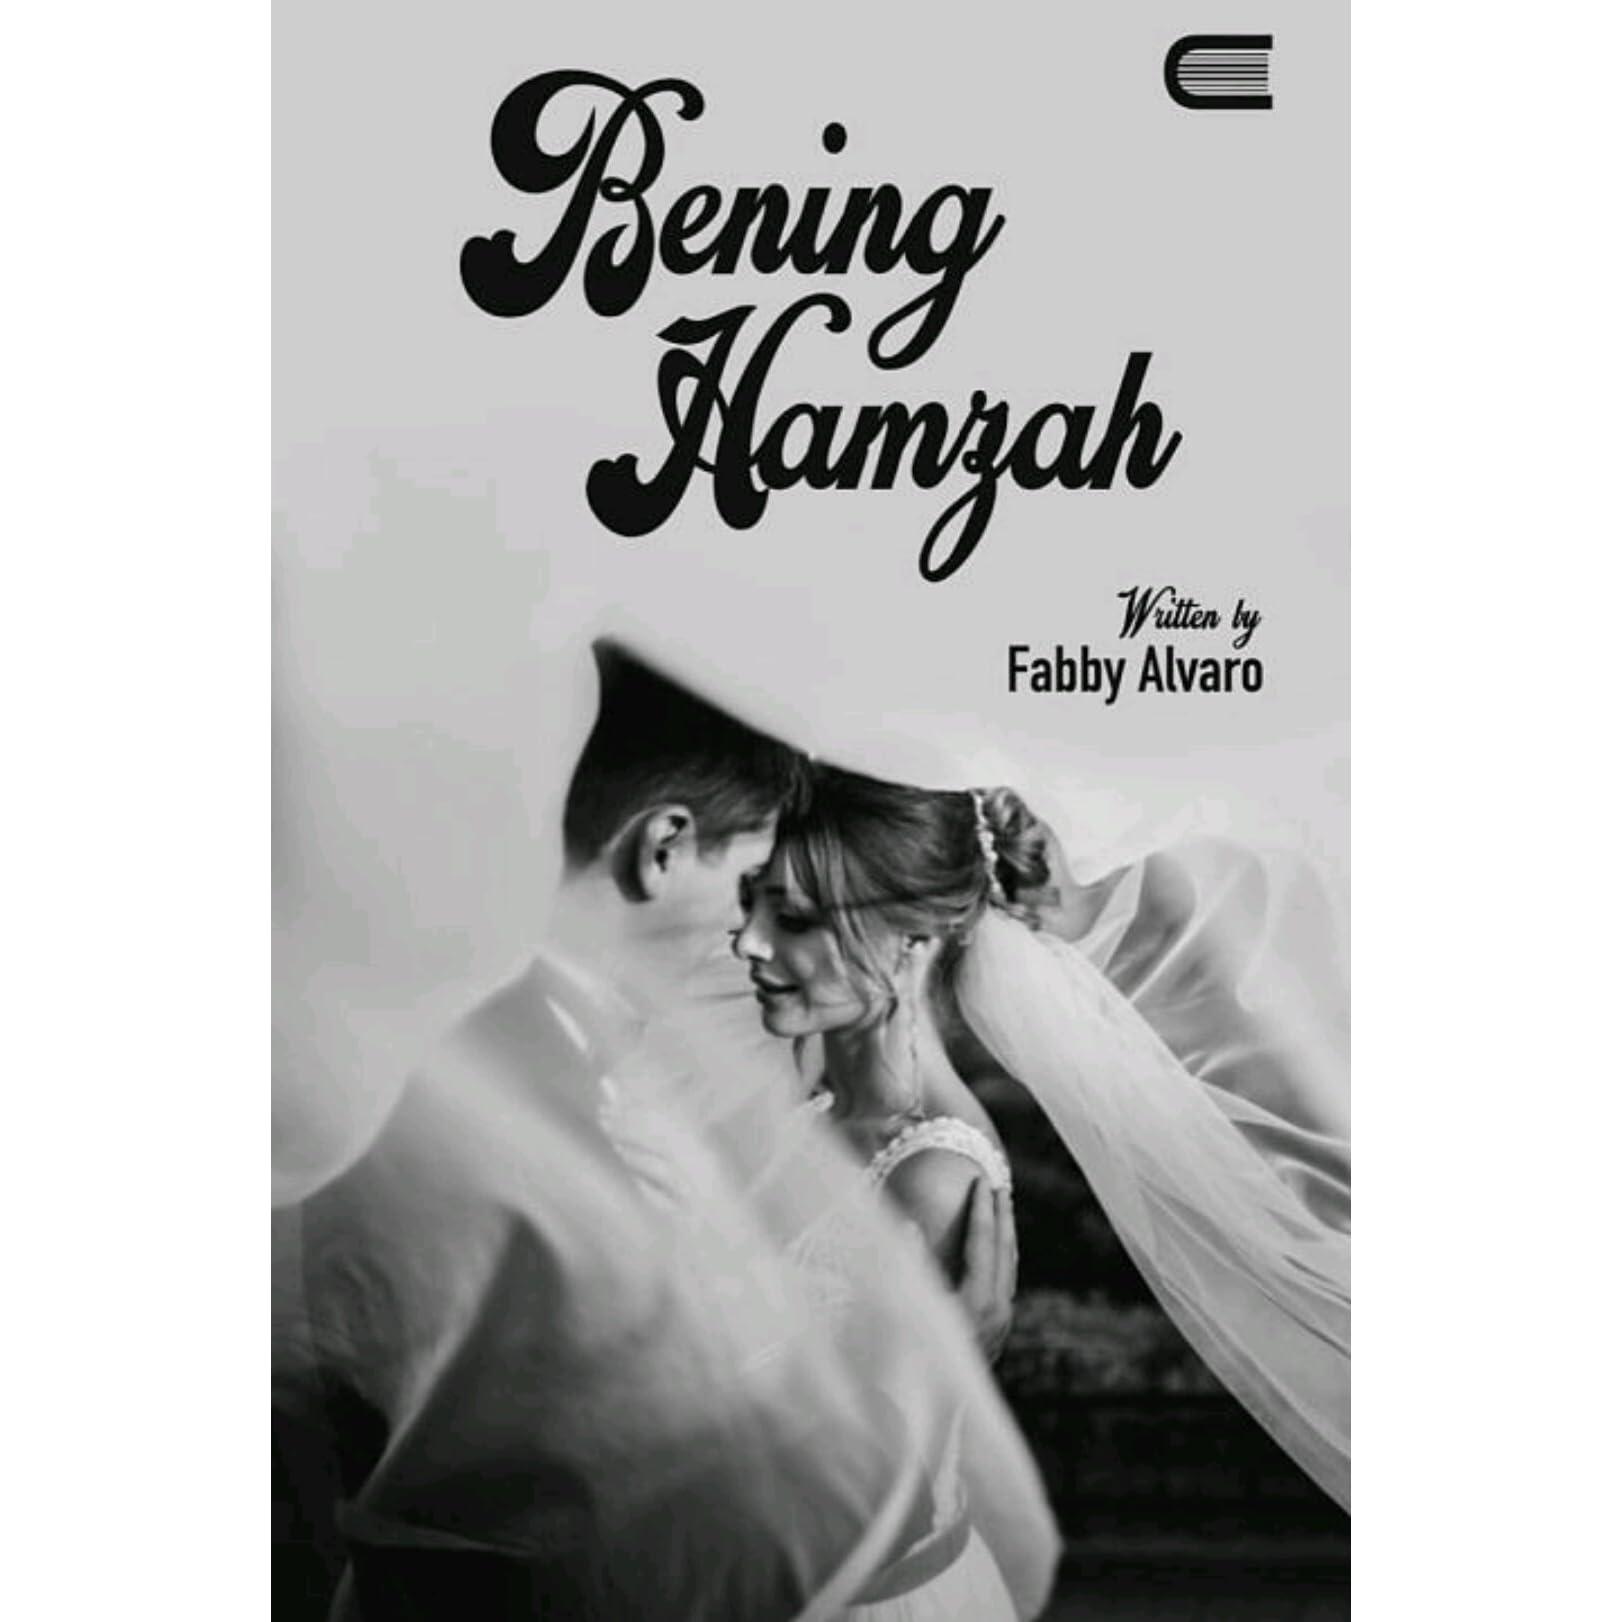 Bening Hamzah by Fabby Alvaro